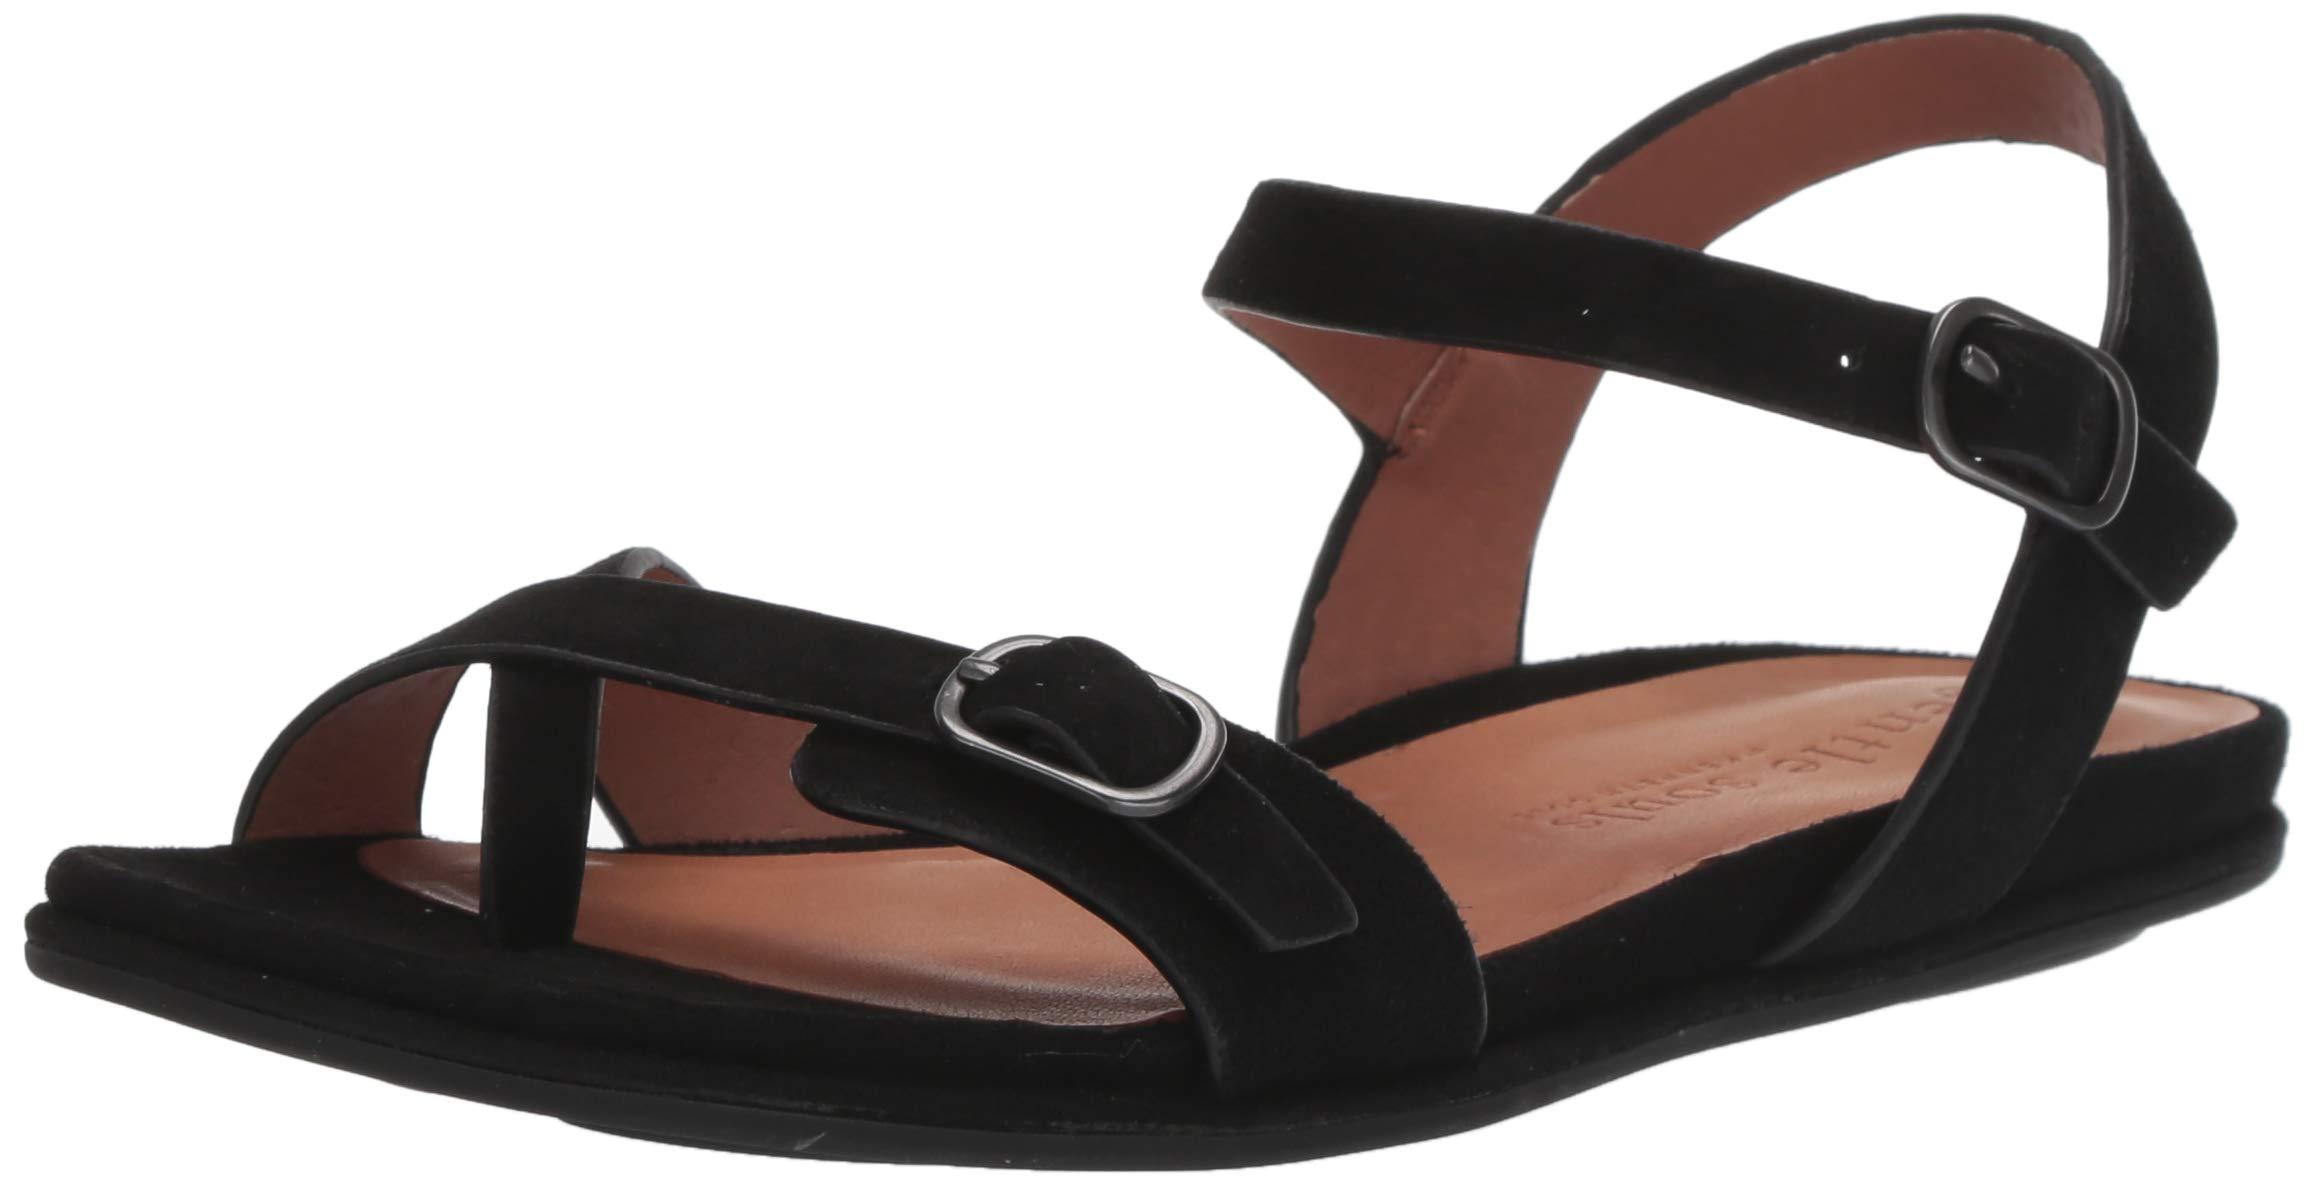 Gentle Souls Women's Lark Strappy Flat Sandal, Black, 7.5 M US by Gentle Souls